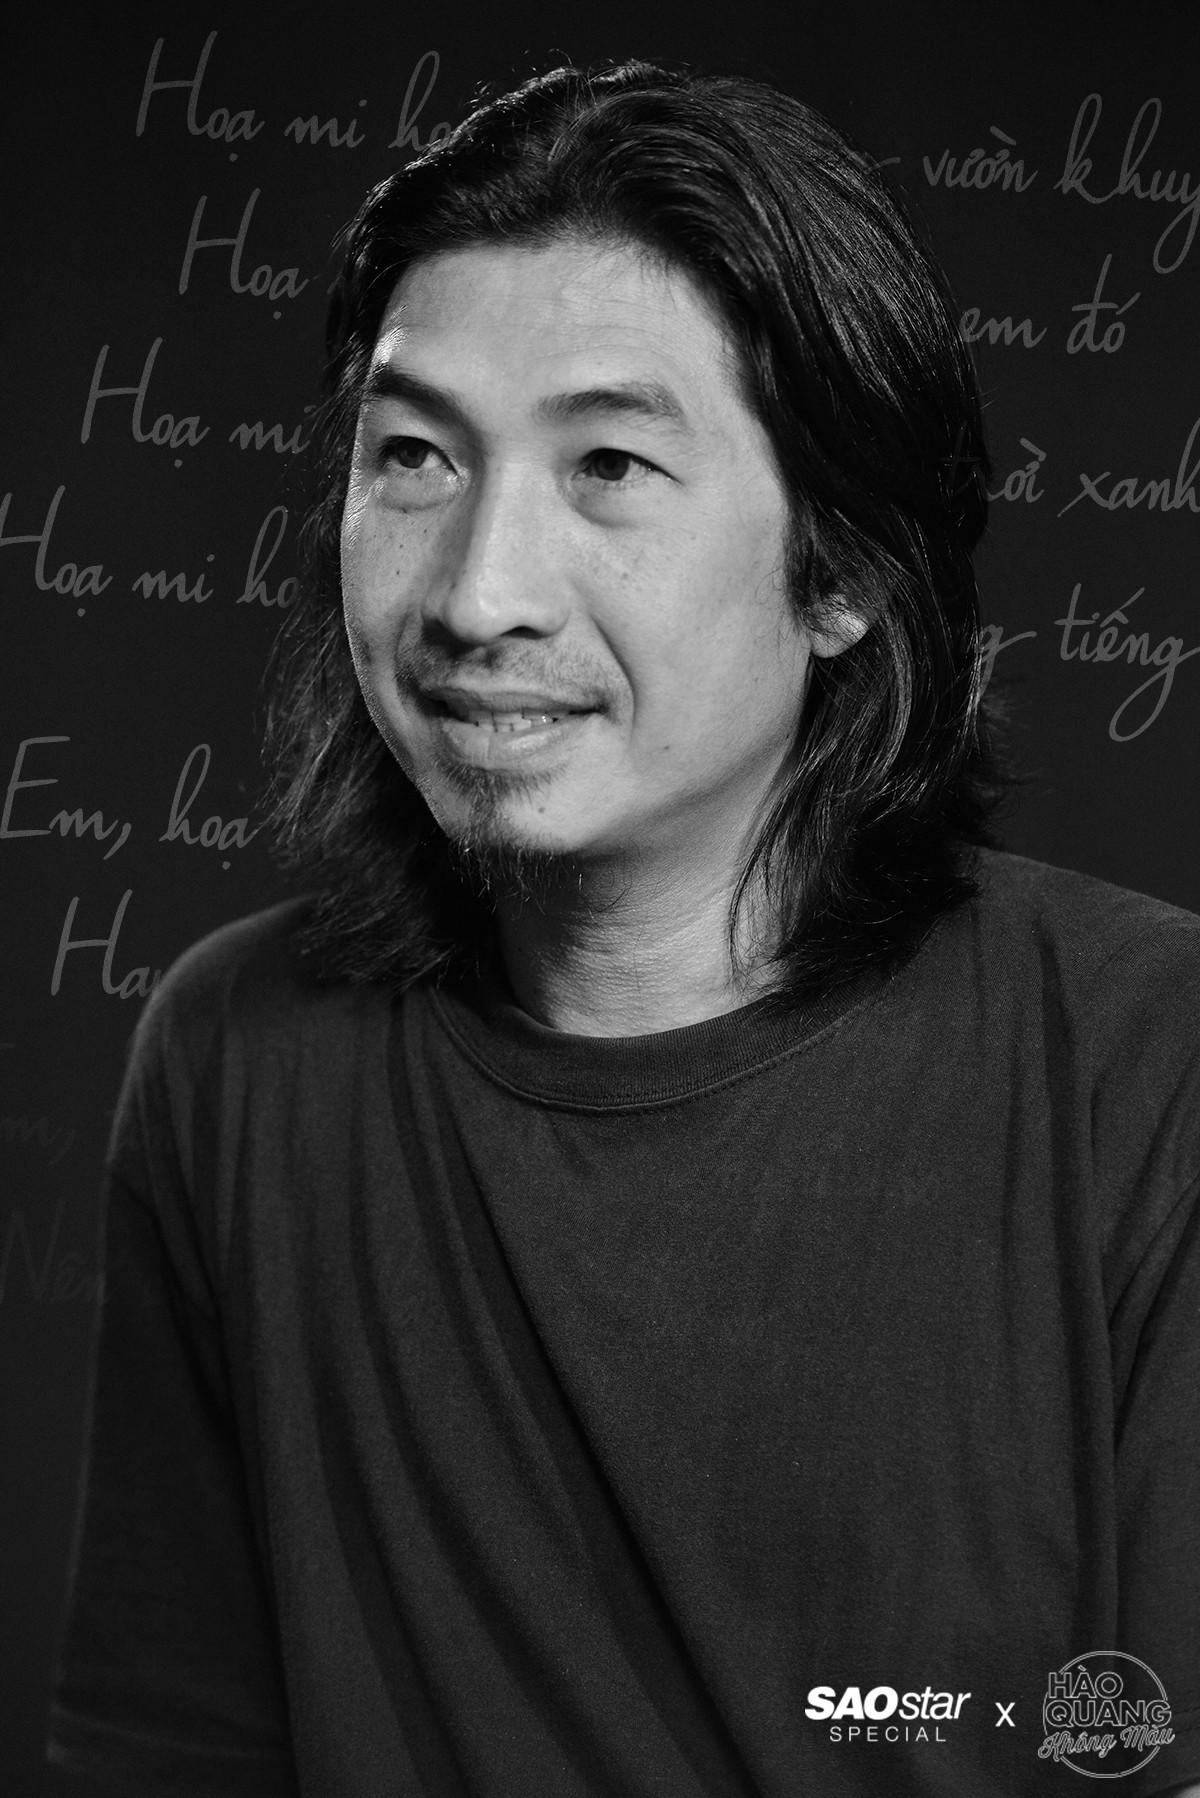 Tác giả 'Họa mi tóc nâu' - Trần Huân với câu chuyện ngược 2018: ở trọ, đi hát cát sê… 100 ngàn